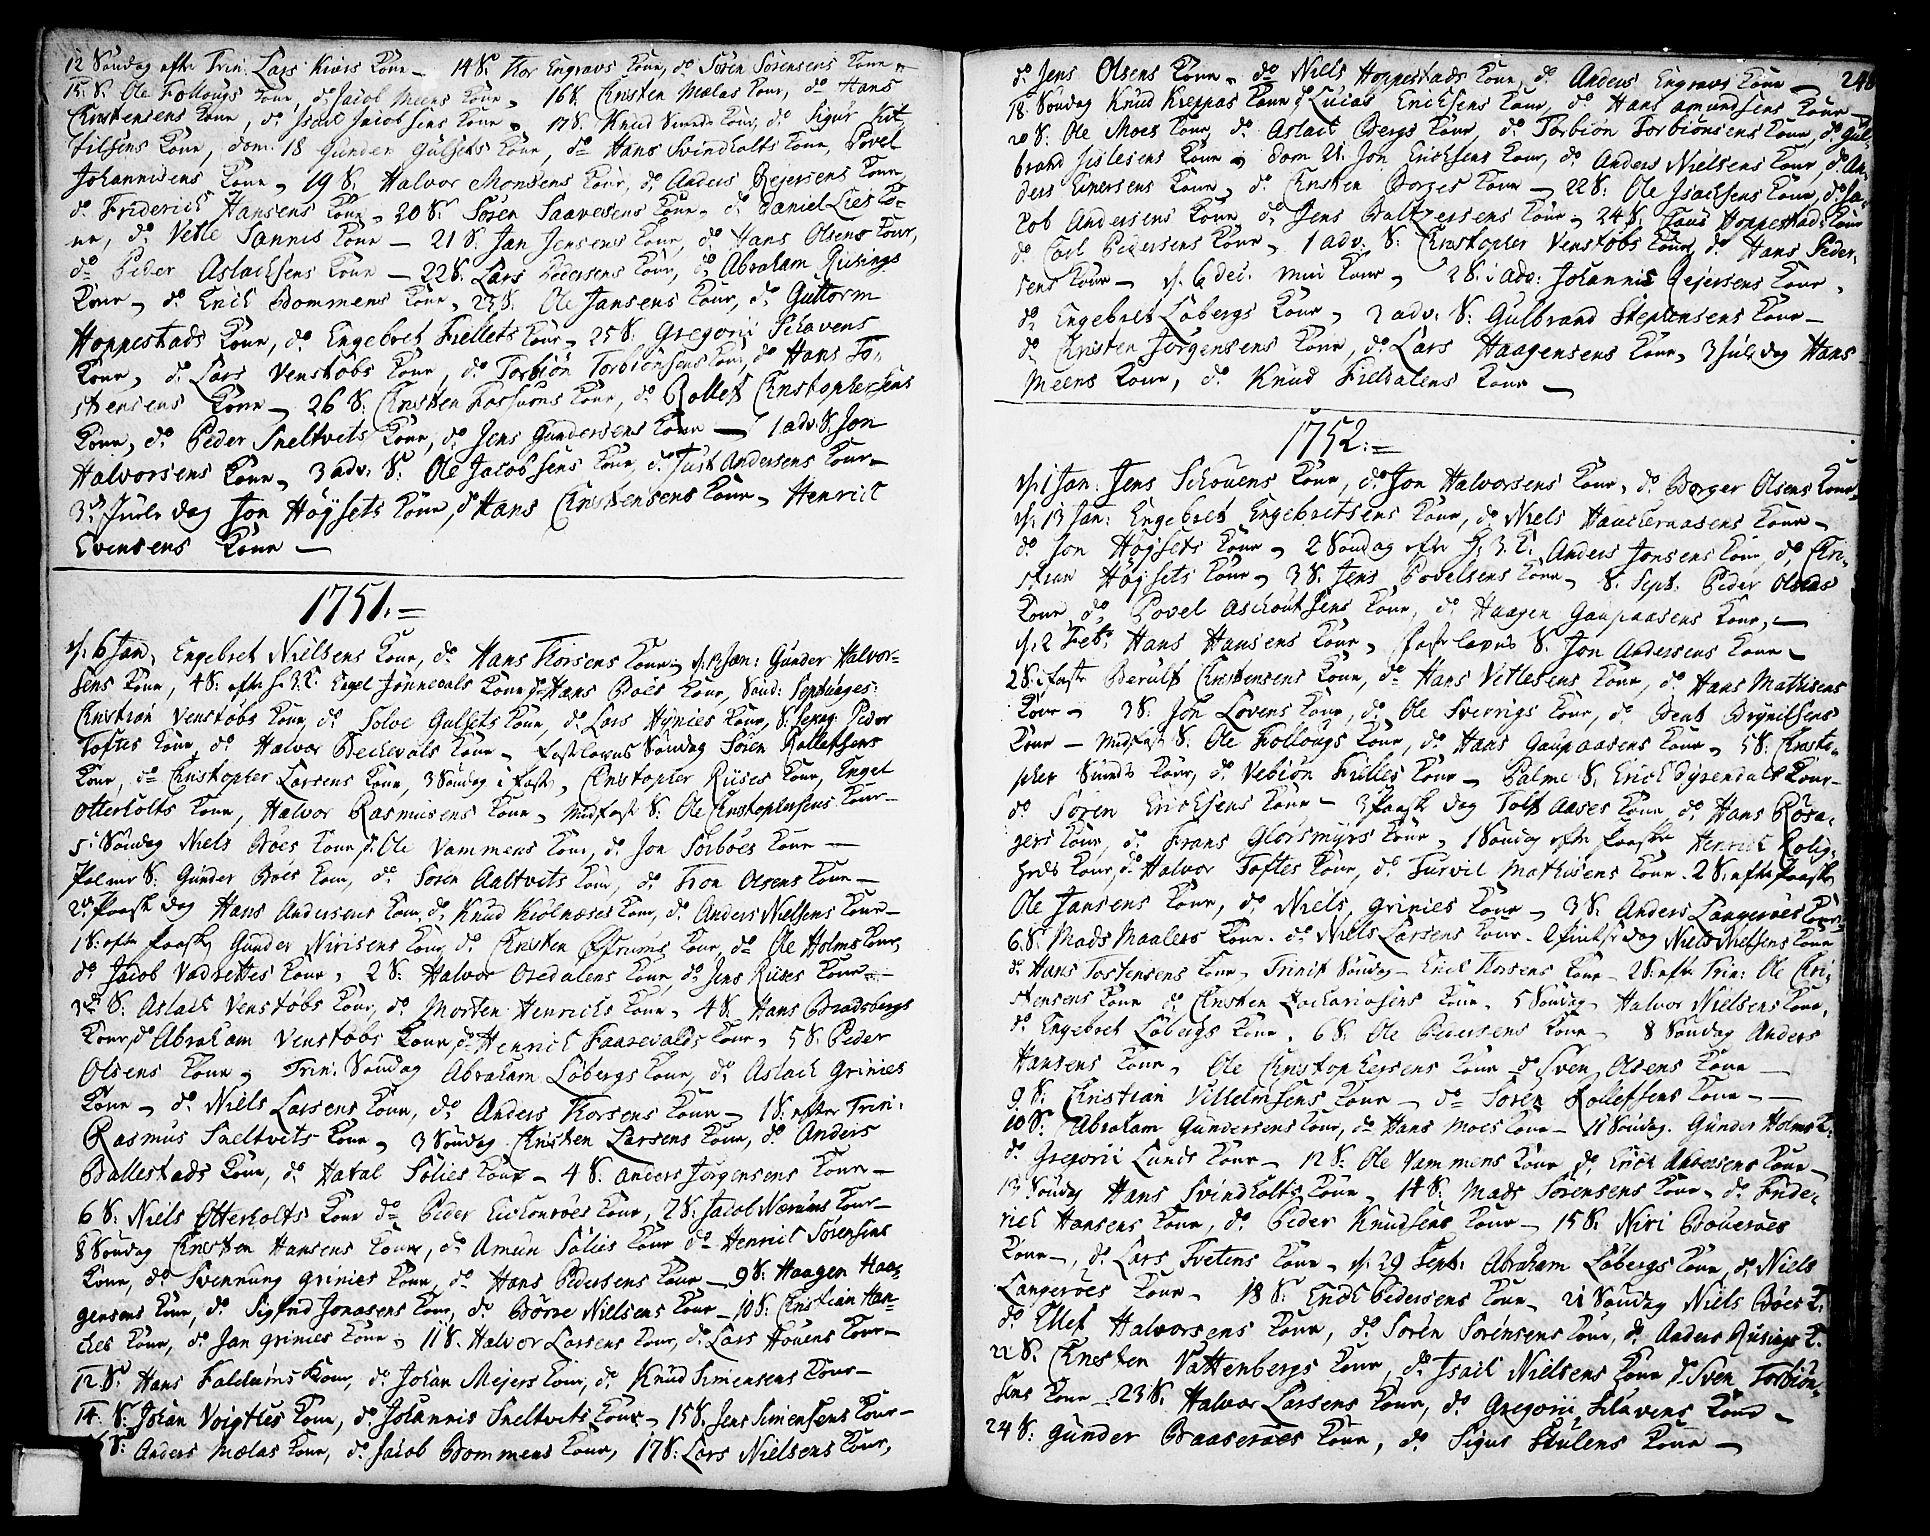 SAKO, Gjerpen kirkebøker, F/Fa/L0002: Ministerialbok nr. 2, 1747-1795, s. 248